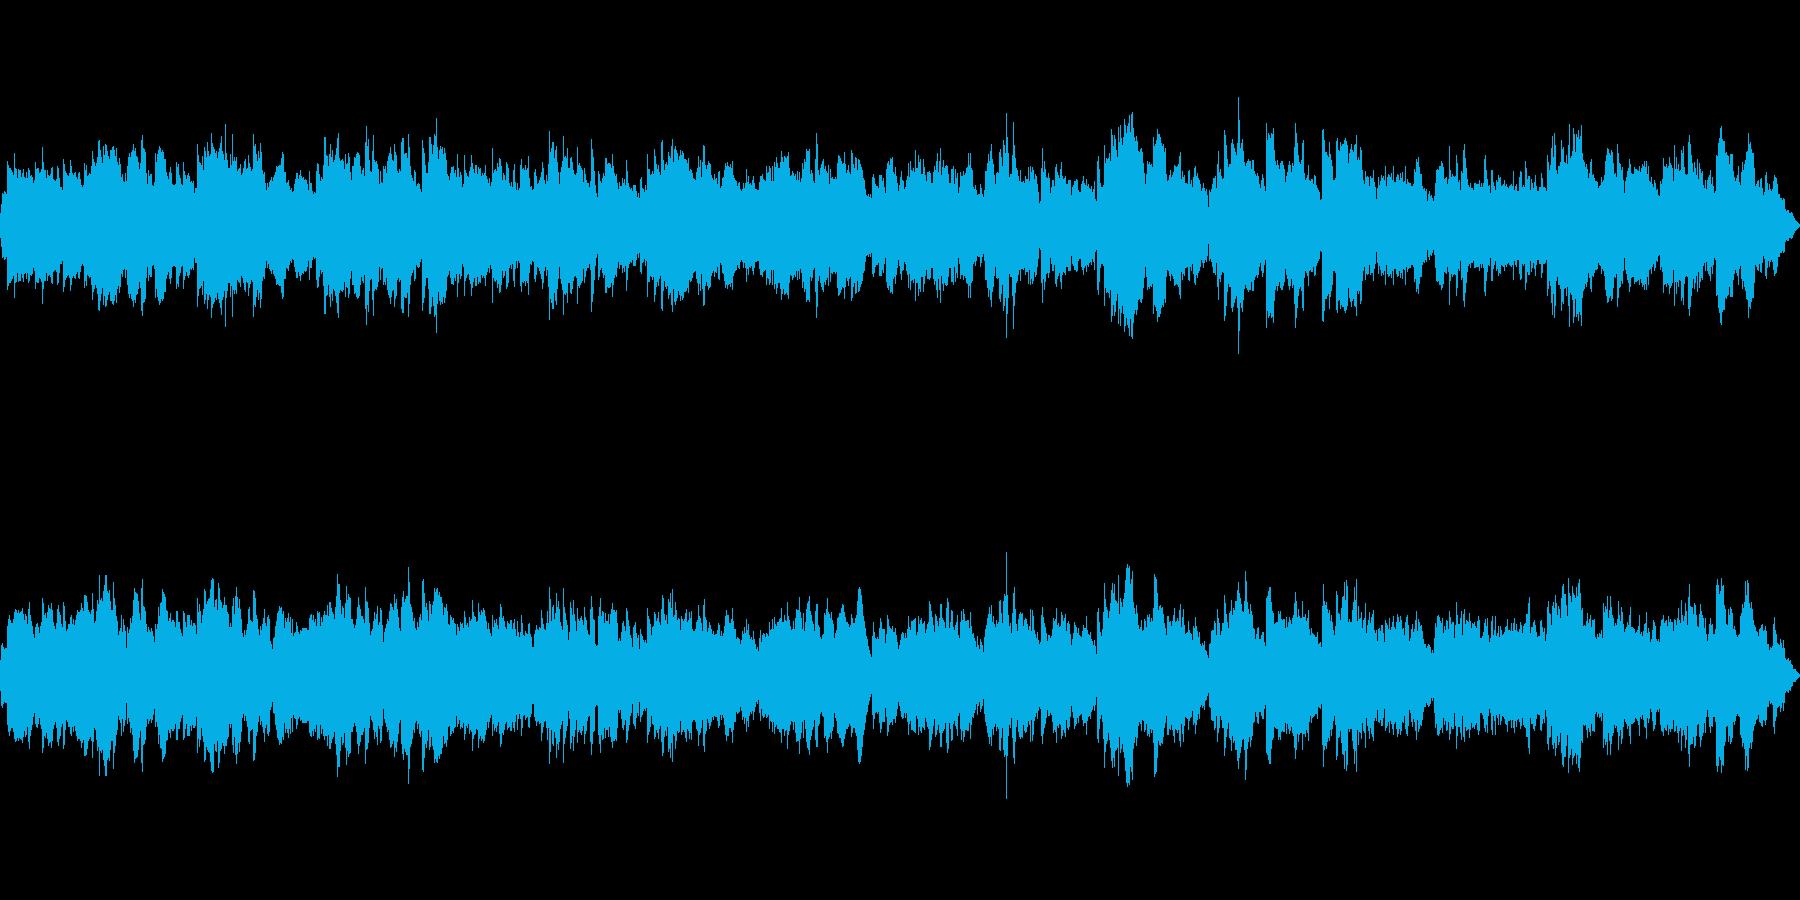 ハッピーベル、幸せなひとときの再生済みの波形